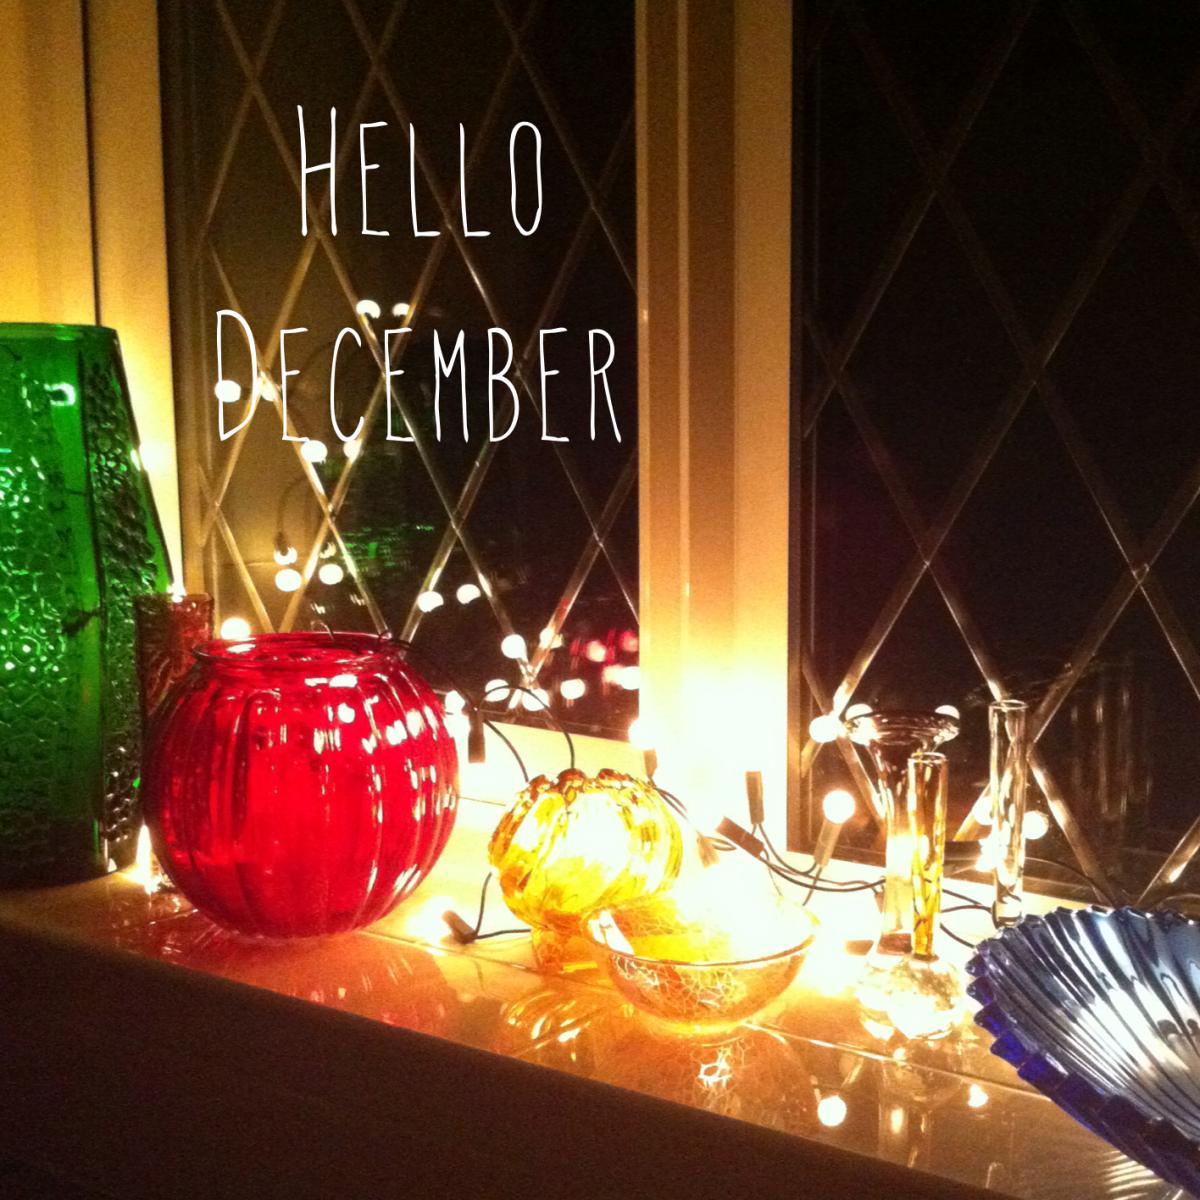 Hello December Wallpaper HD December wallpaper, Hello